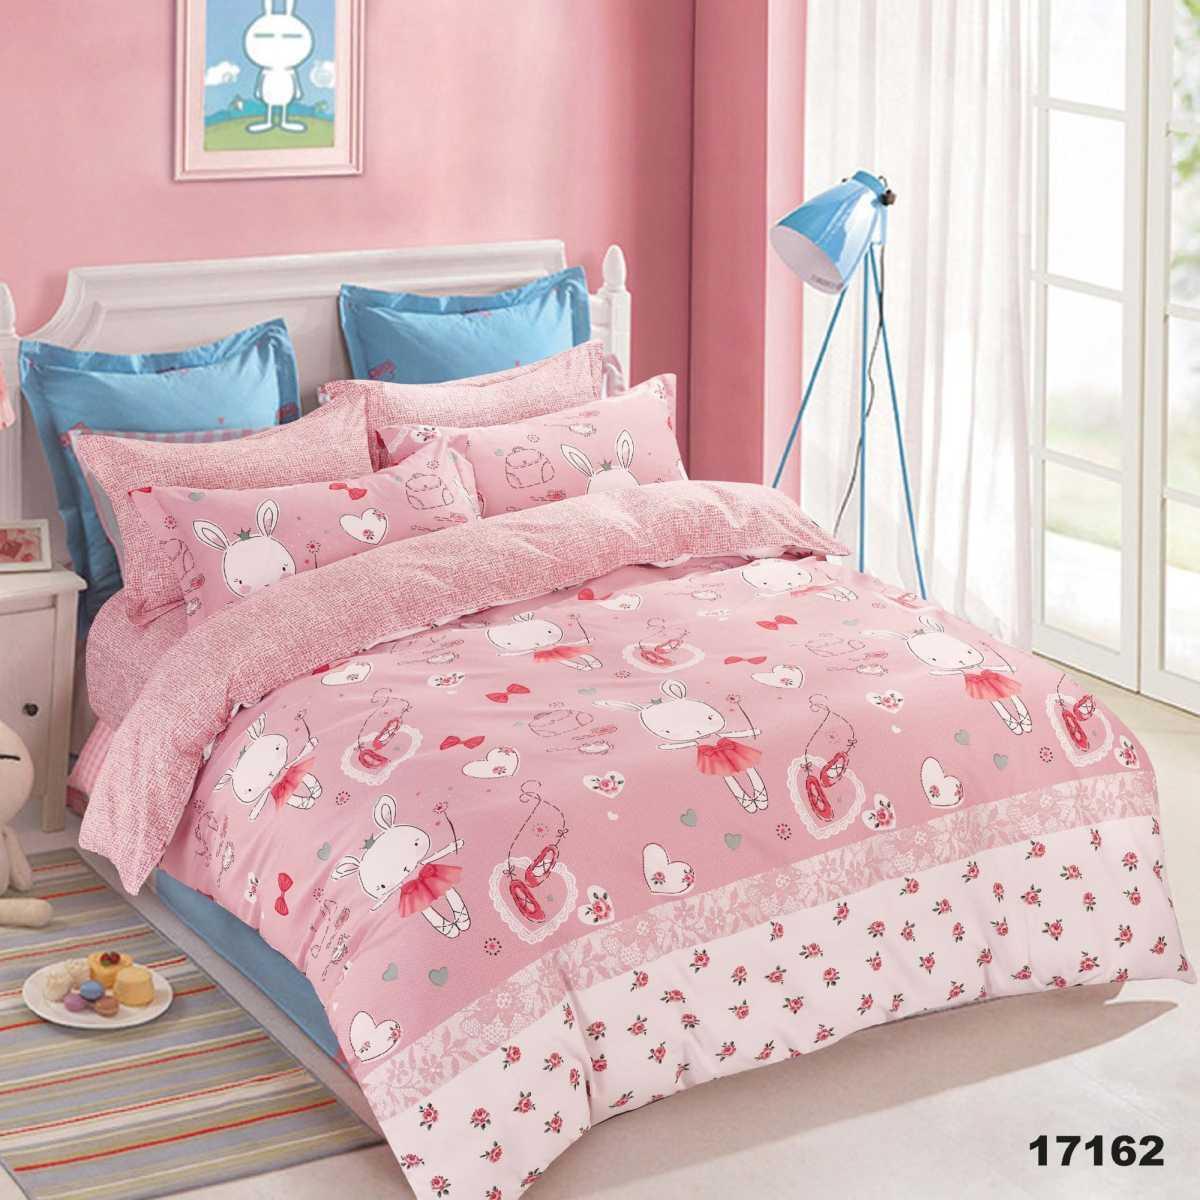 Подростковое постельное белье Вилюта 17162 ранфорс